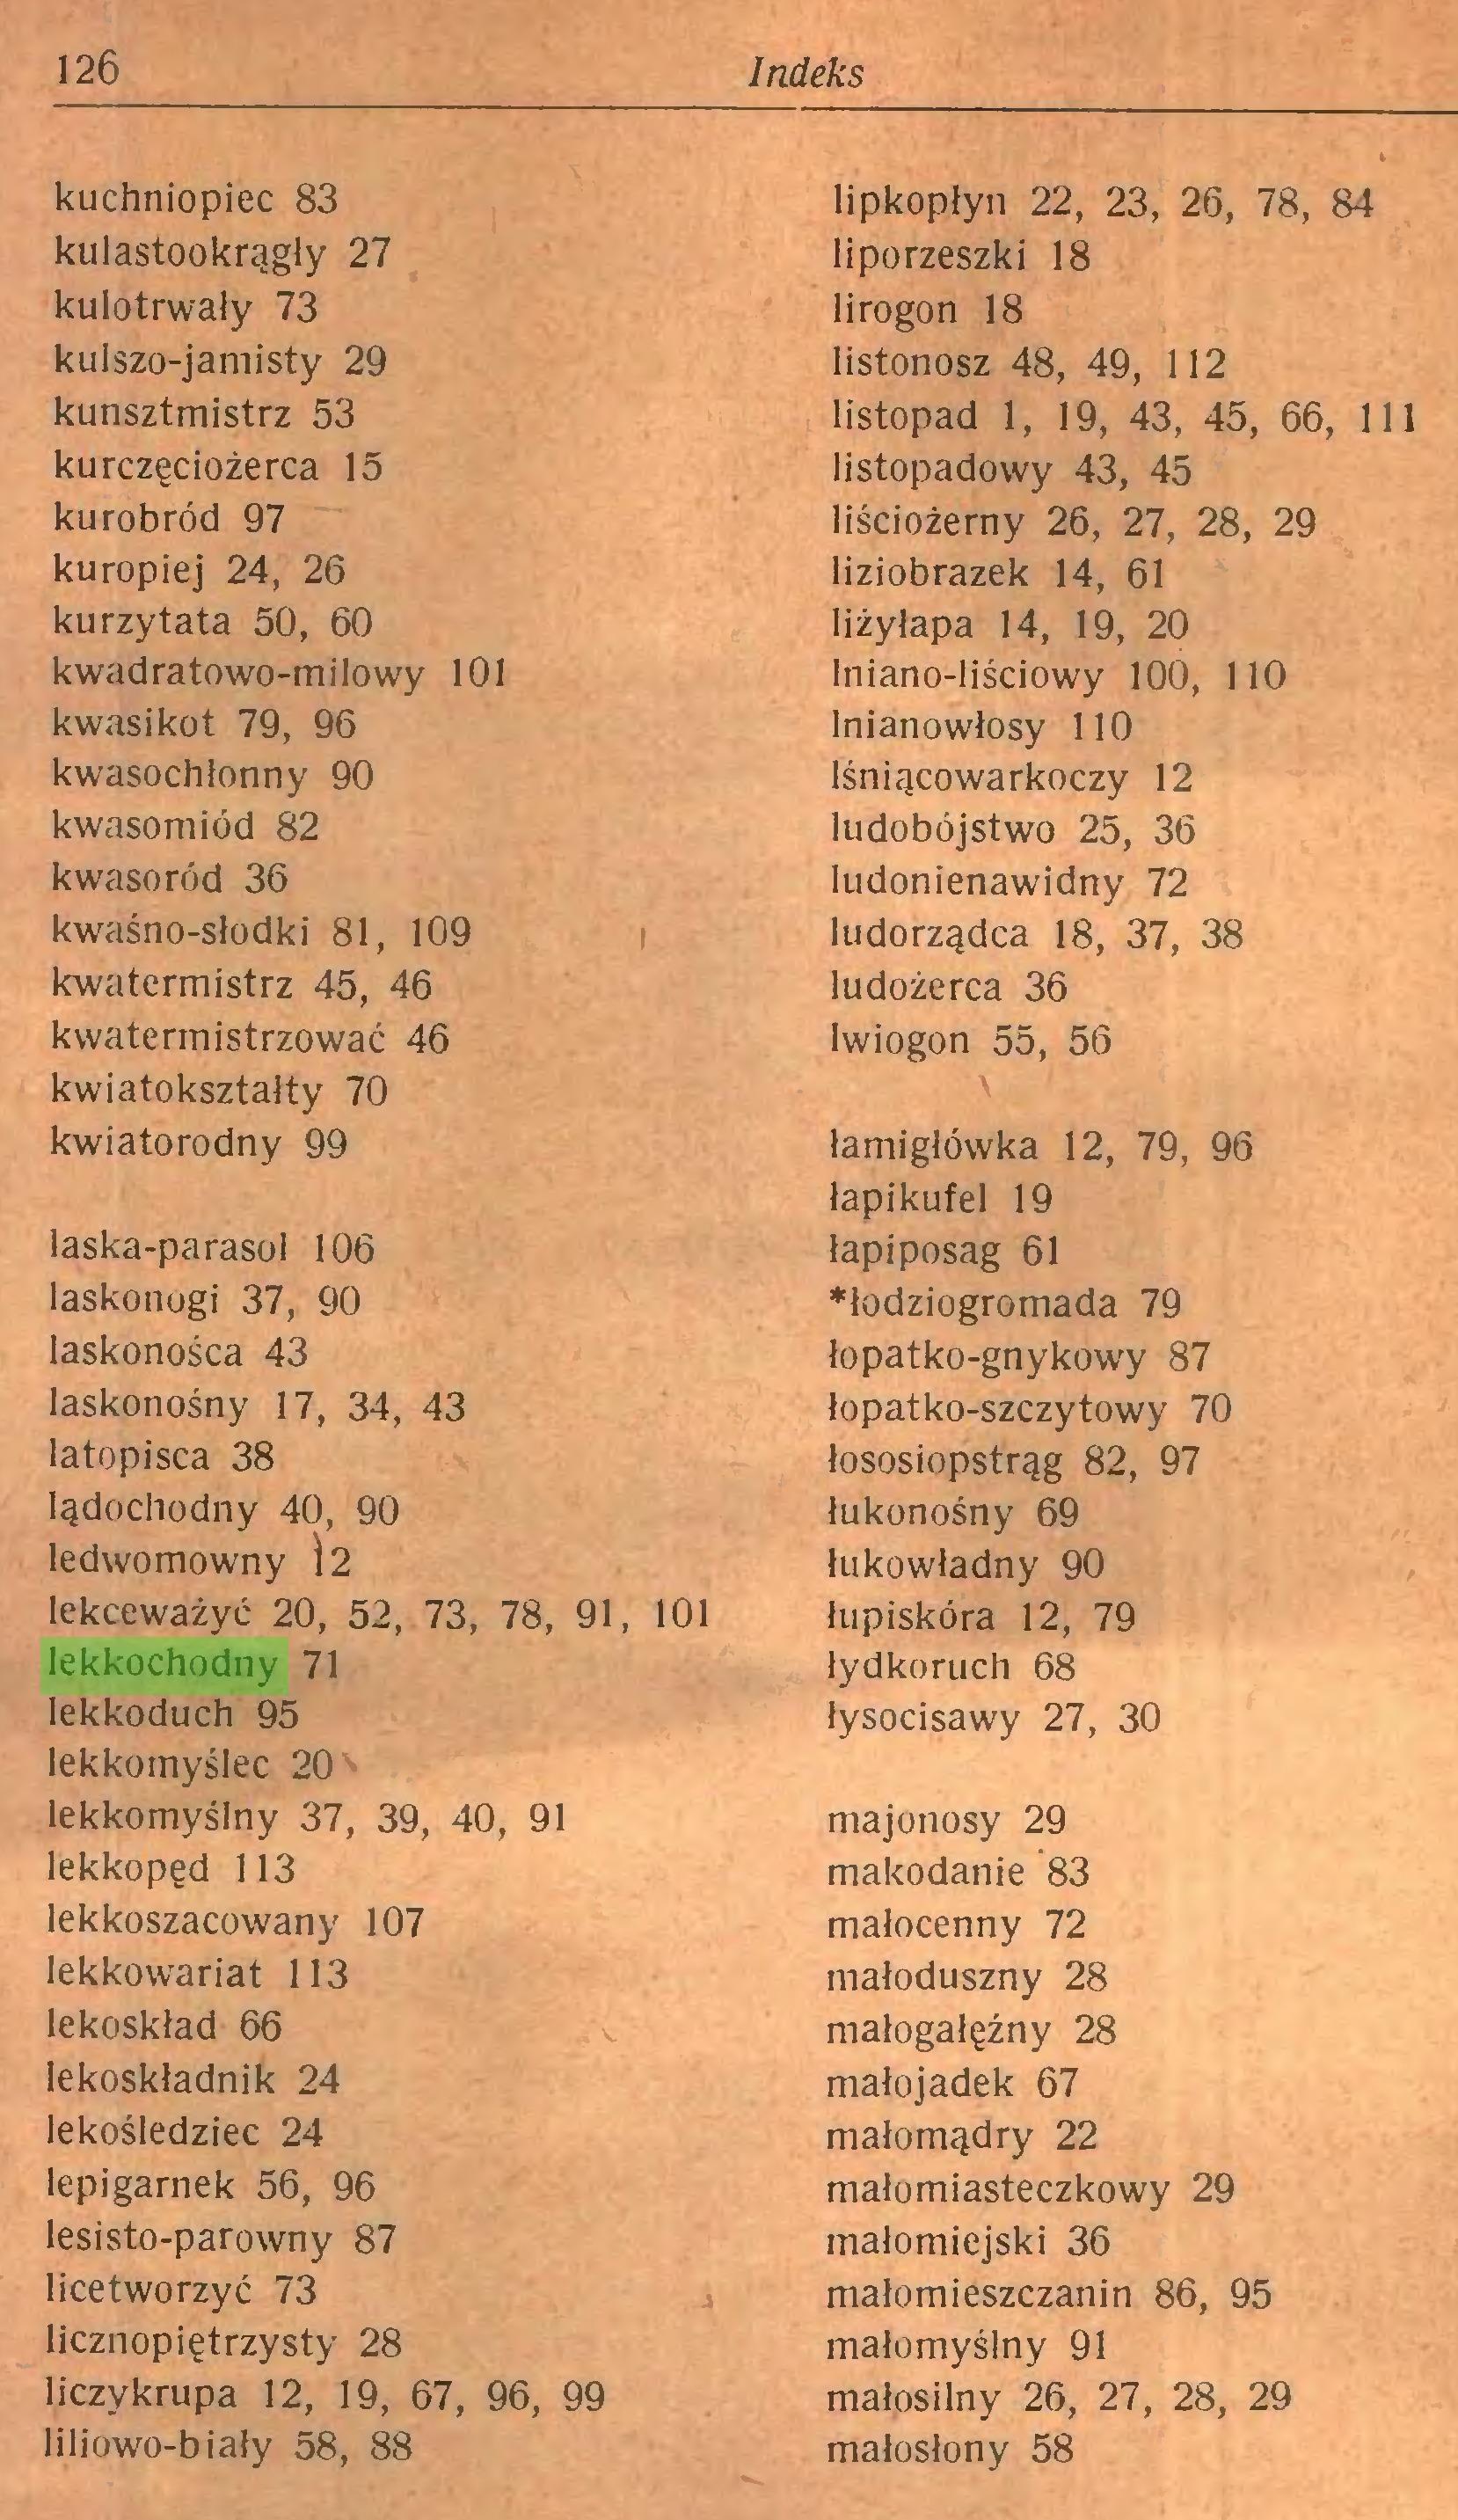 (...) 126 Indeks kuchniopiec 83 kulastookrągły 27 kulotrwały 73 kulszo-jamisty 29 kunsztmistrz 53 kurczęciożerca 15 kurobród 97 kuropiej 24, 26 kurzytata 50, 60 kwadratowo-milowy 101 kwasi kot 79, 96 kwasochłonny 90 kwasom i ód 82 kwasoród 36 kwaśno-słodki 81, 109 kwatermistrz 45, 46 kwatermistrzować 46 kwiatoksztalty 70 kwiatorodny 99 laska-parasol 106 laskonogi 37, 90 laskonośca 43 laskonośny 17, 34, 43 latopisca 38 lądochodny 40, 90 ledwo mowny i 2 lekceważyć 20, 52, 73, 78, 91, 101 lekkochodny 71 lekkoduch 95 lekkomyślec 20 lekkomyślny 37, 39, 40, 91 lekkopęd 113 lekkoszacowany 107 lekkowariat 113 lekoskład 66 lekoskładnik 24 lekośledziec 24 lepigarnek 56, 96 lesisto-parowny 87 licetworzyć 73 licznopiętrzysty 28 liczykrupa 12, 19, 67, 96, 99 liliowo-biały 58, 88 lipkopłyn 22, 23, 26, 78, 84 liporzeszki 18 lirogon 18 listonosz 48, 49, 112 listopad 1, 19, 43, 45, 66, 111 listopadowy 43, 45 liściożerny 26, 27, 28, 29 liziobrazek 14, 61 Iiżylapa 14, 19, 20 Iniano-liściowy 100, 110 lnianowłosy 110 lśniącowarkoczy 12 ludobójstwo 25, 36 ludonienawidny 72 ludorządca 18, 37, 38 ludożerca 36 Iwiogon 55, 56 łamigłówka 12, 79, 96 łapikufel 19 łapiposag 61 ♦łodziogromada 79 łopatko-gnykowy 87 łopatko-szczytowy 70 łososiopstrąg 82, 97 łukonośny 69 łukowładny 90 łupiskóra 12, 79 łydkoruch 68 łysocisawy 27, 30 majonosy 29 makodanie 83 małocenny 72 małoduszny 28 małogałęźny 28 małojadek 67 małomądry 22 małomiasteczkowy 29 małomiejski 36 małomieszczanin 86, 95 małomyślny 91 małosilny 26, 27, 28, 29 małosłony 58...